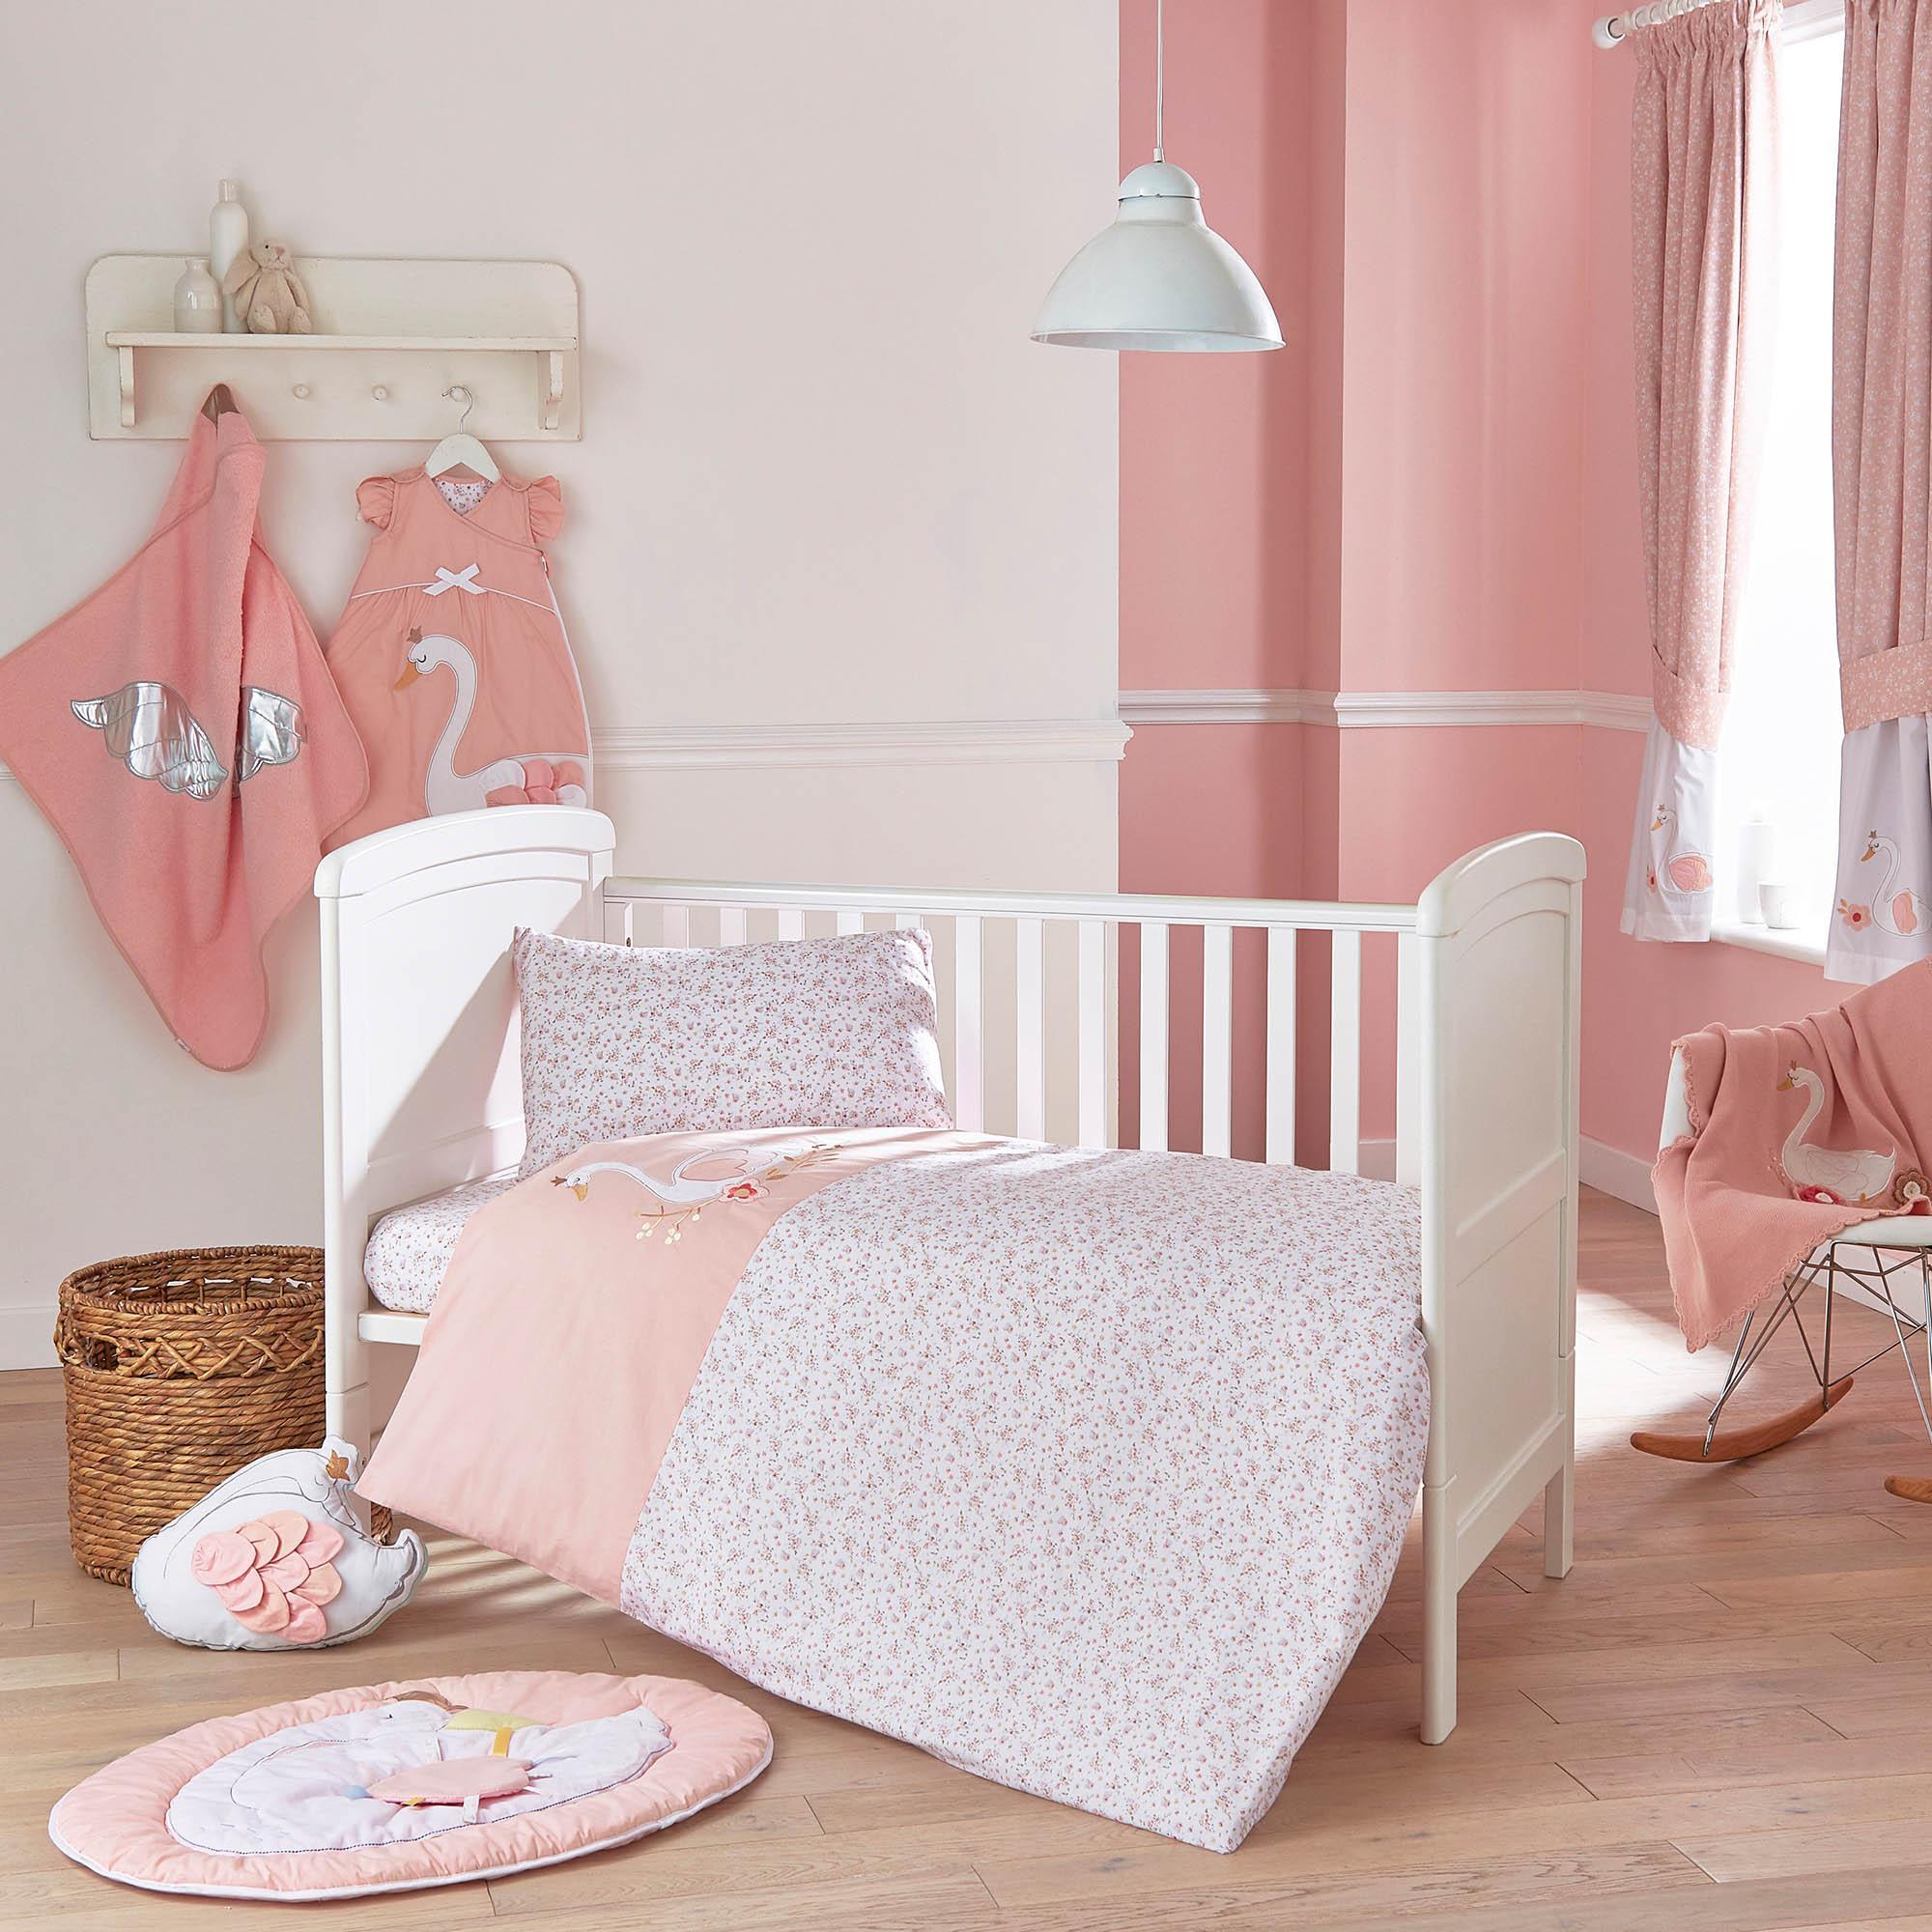 Children's bed linen swan princess bed linen collection GCTJBCH